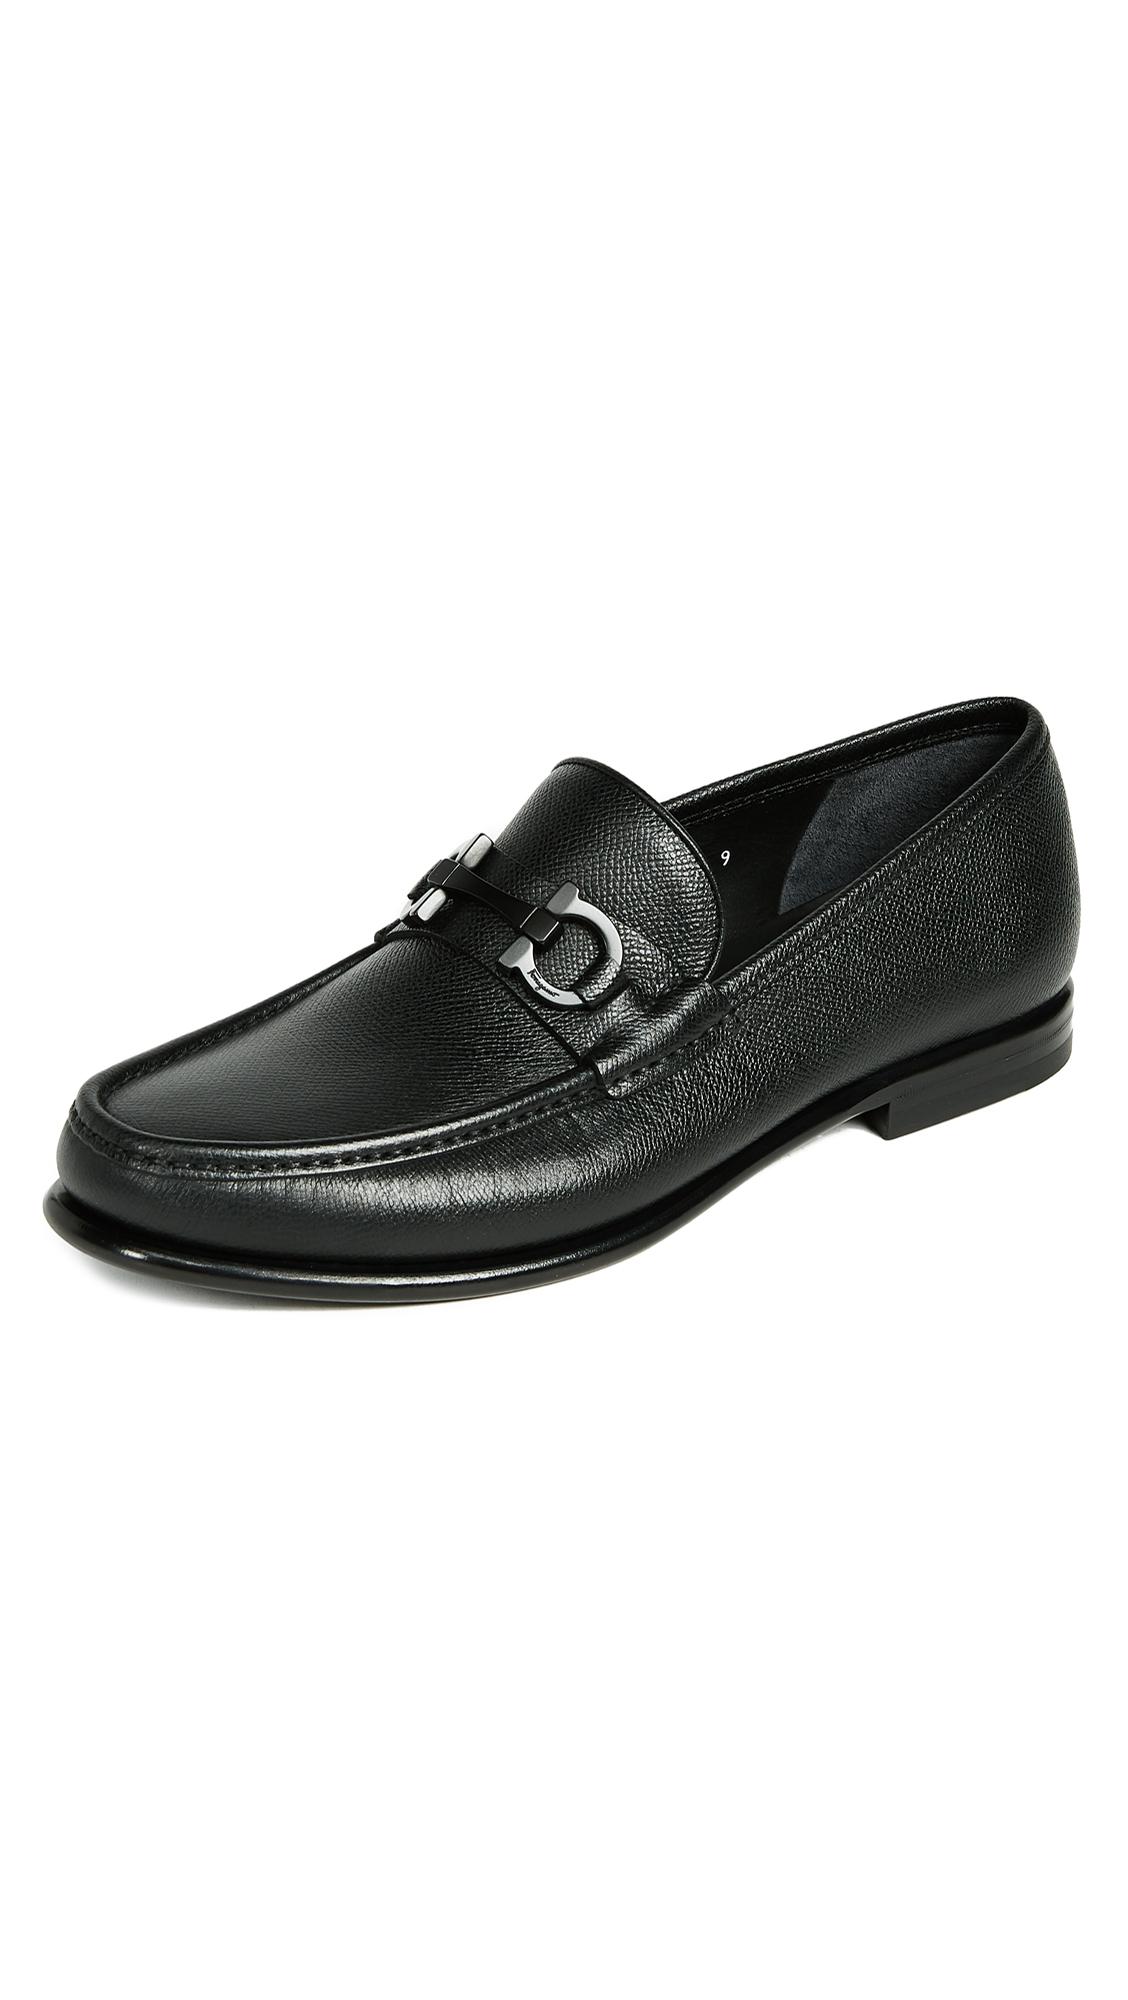 Mens Loafers Slip On Shoes For Men East Dane D Island Mocasine Casual Black Sold